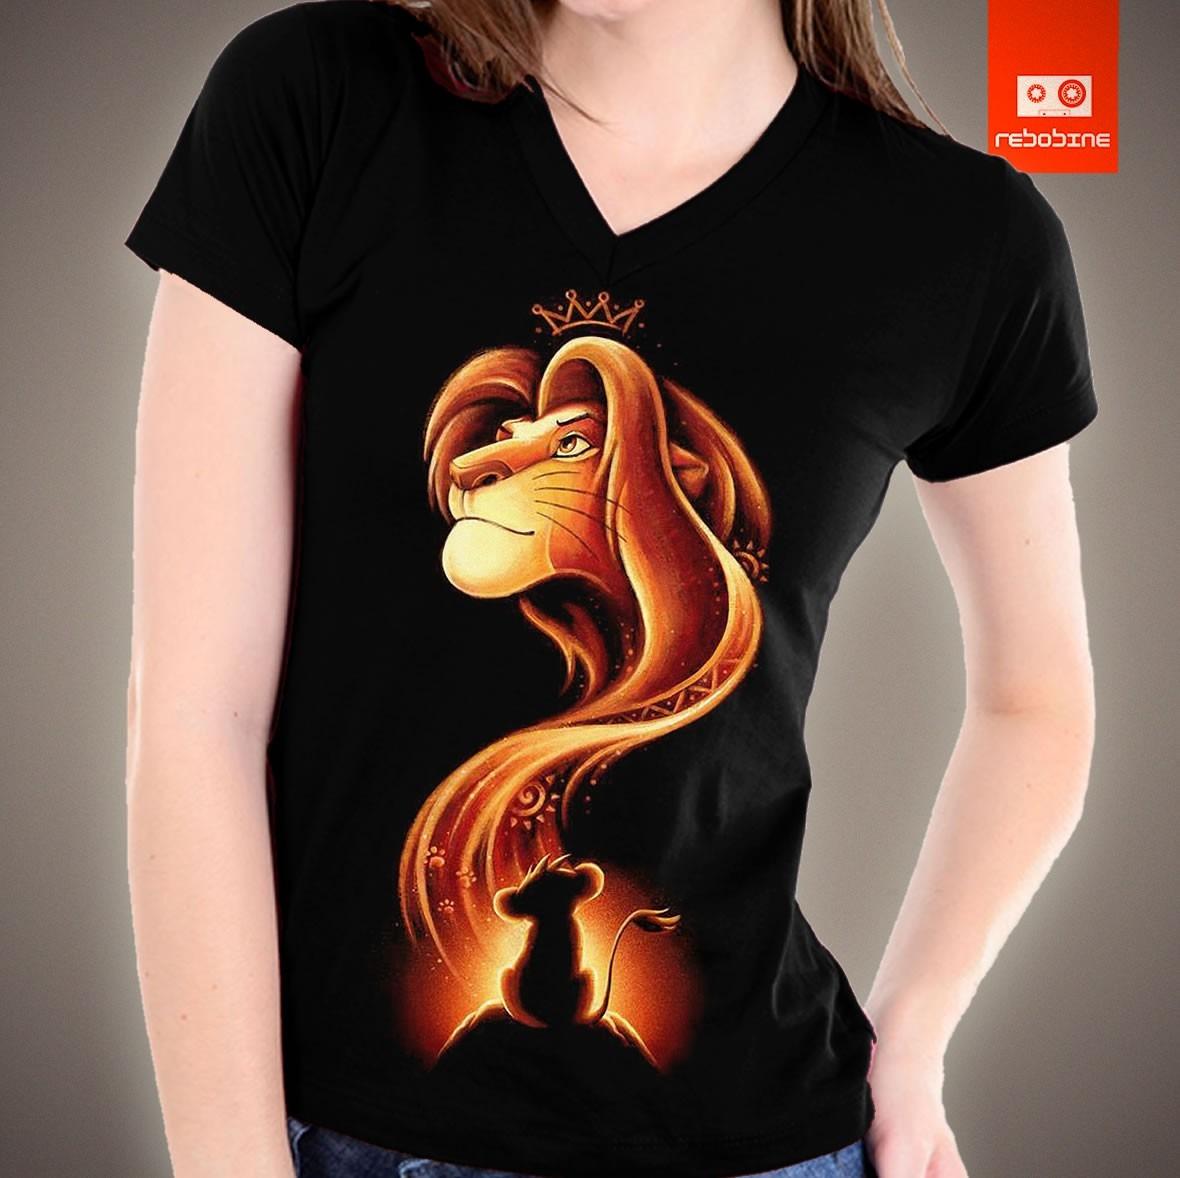 Camisetas Tv, Filmes E Desenhos Animados